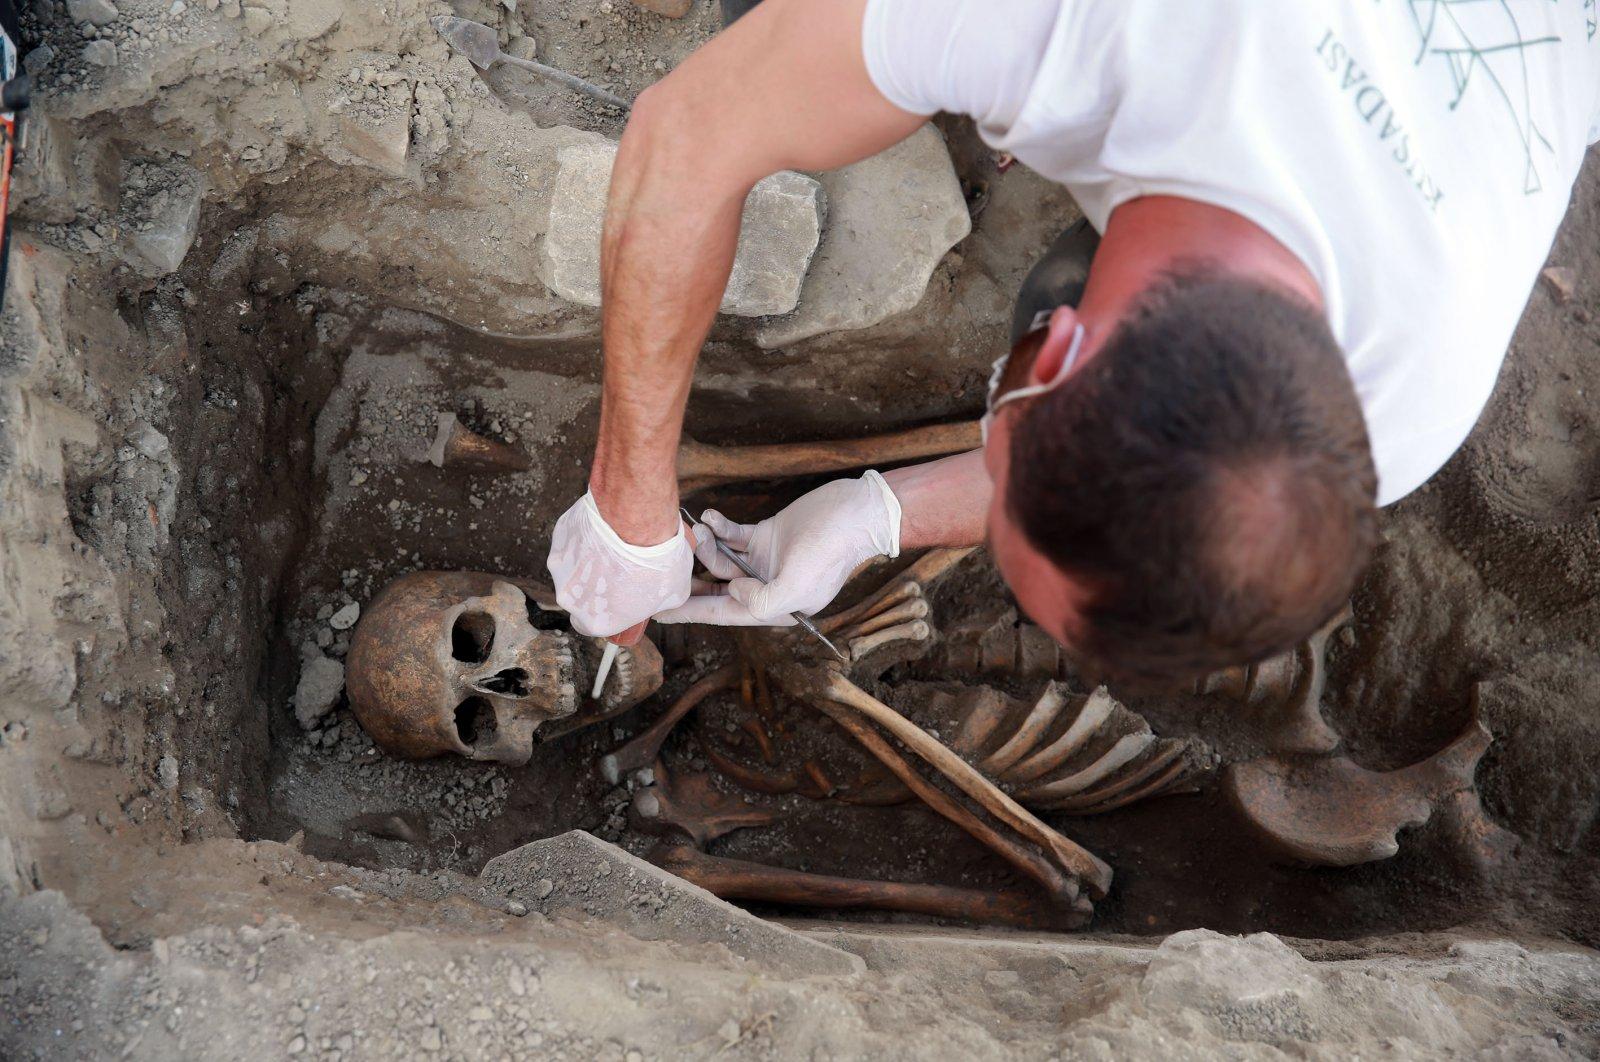 An archeologist works on a skeleton found at the Kadıkalesi archaeological site, Aydın, western Turkey, May 6, 2021. (AA Photo)